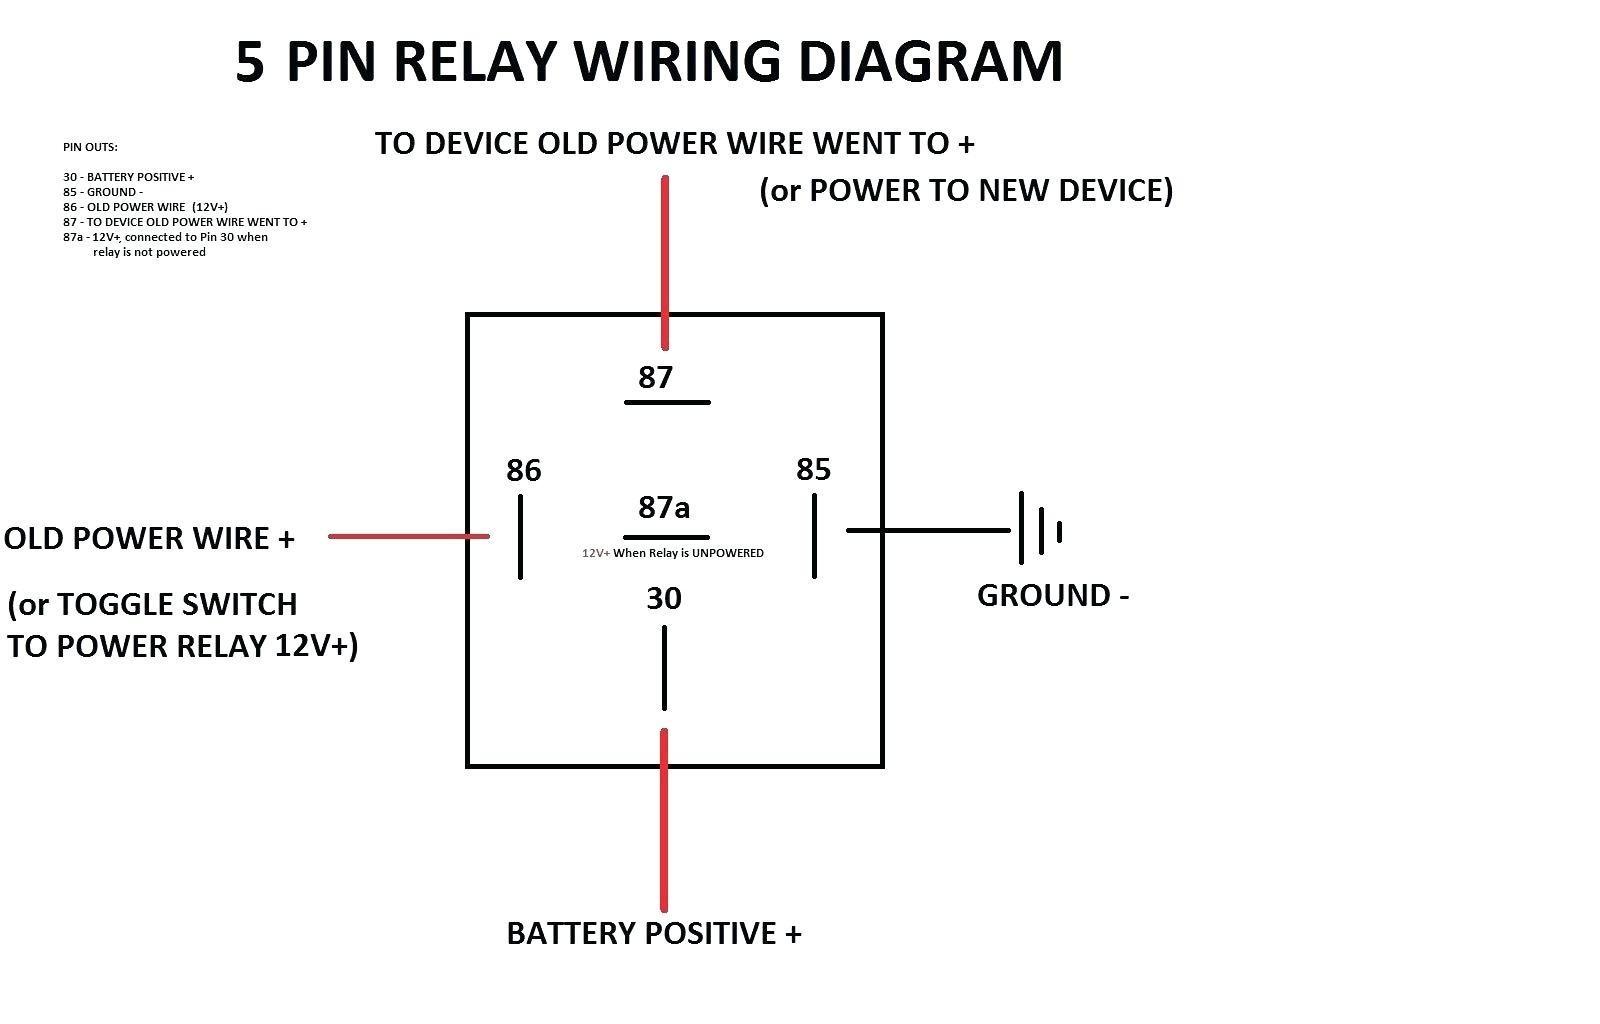 [SCHEMATICS_4LK]  12v Rocker Switch Wiring Diagram Free Picture -Garmin Nmea 0183 Wiring  Diagram | Begeboy Wiring Diagram Source | Toggle Switch Wiring Diagram Free Download |  | Begeboy Wiring Diagram Source